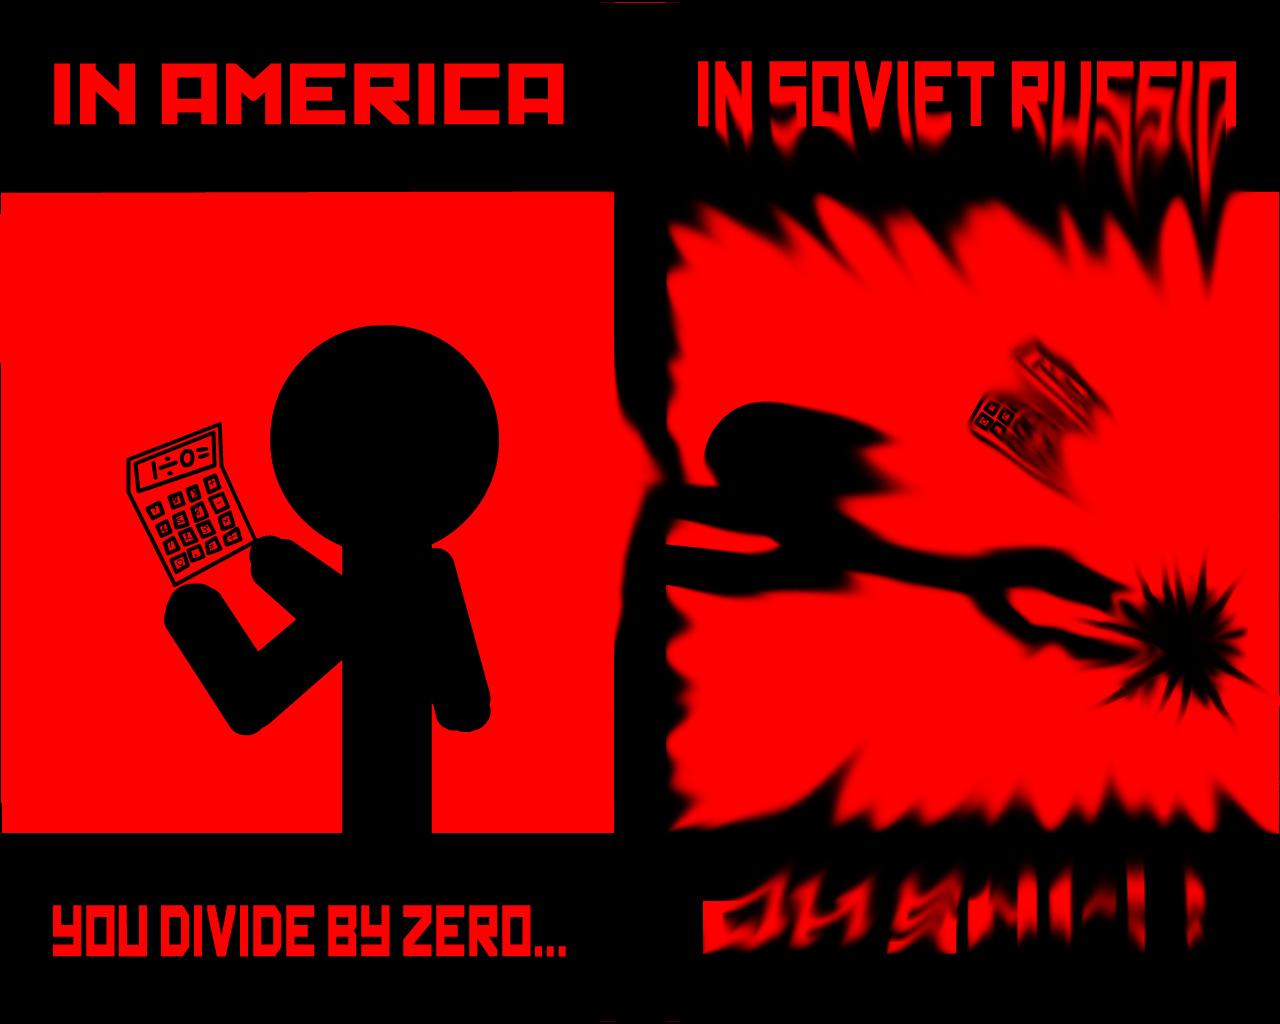 Russia funny meme USA